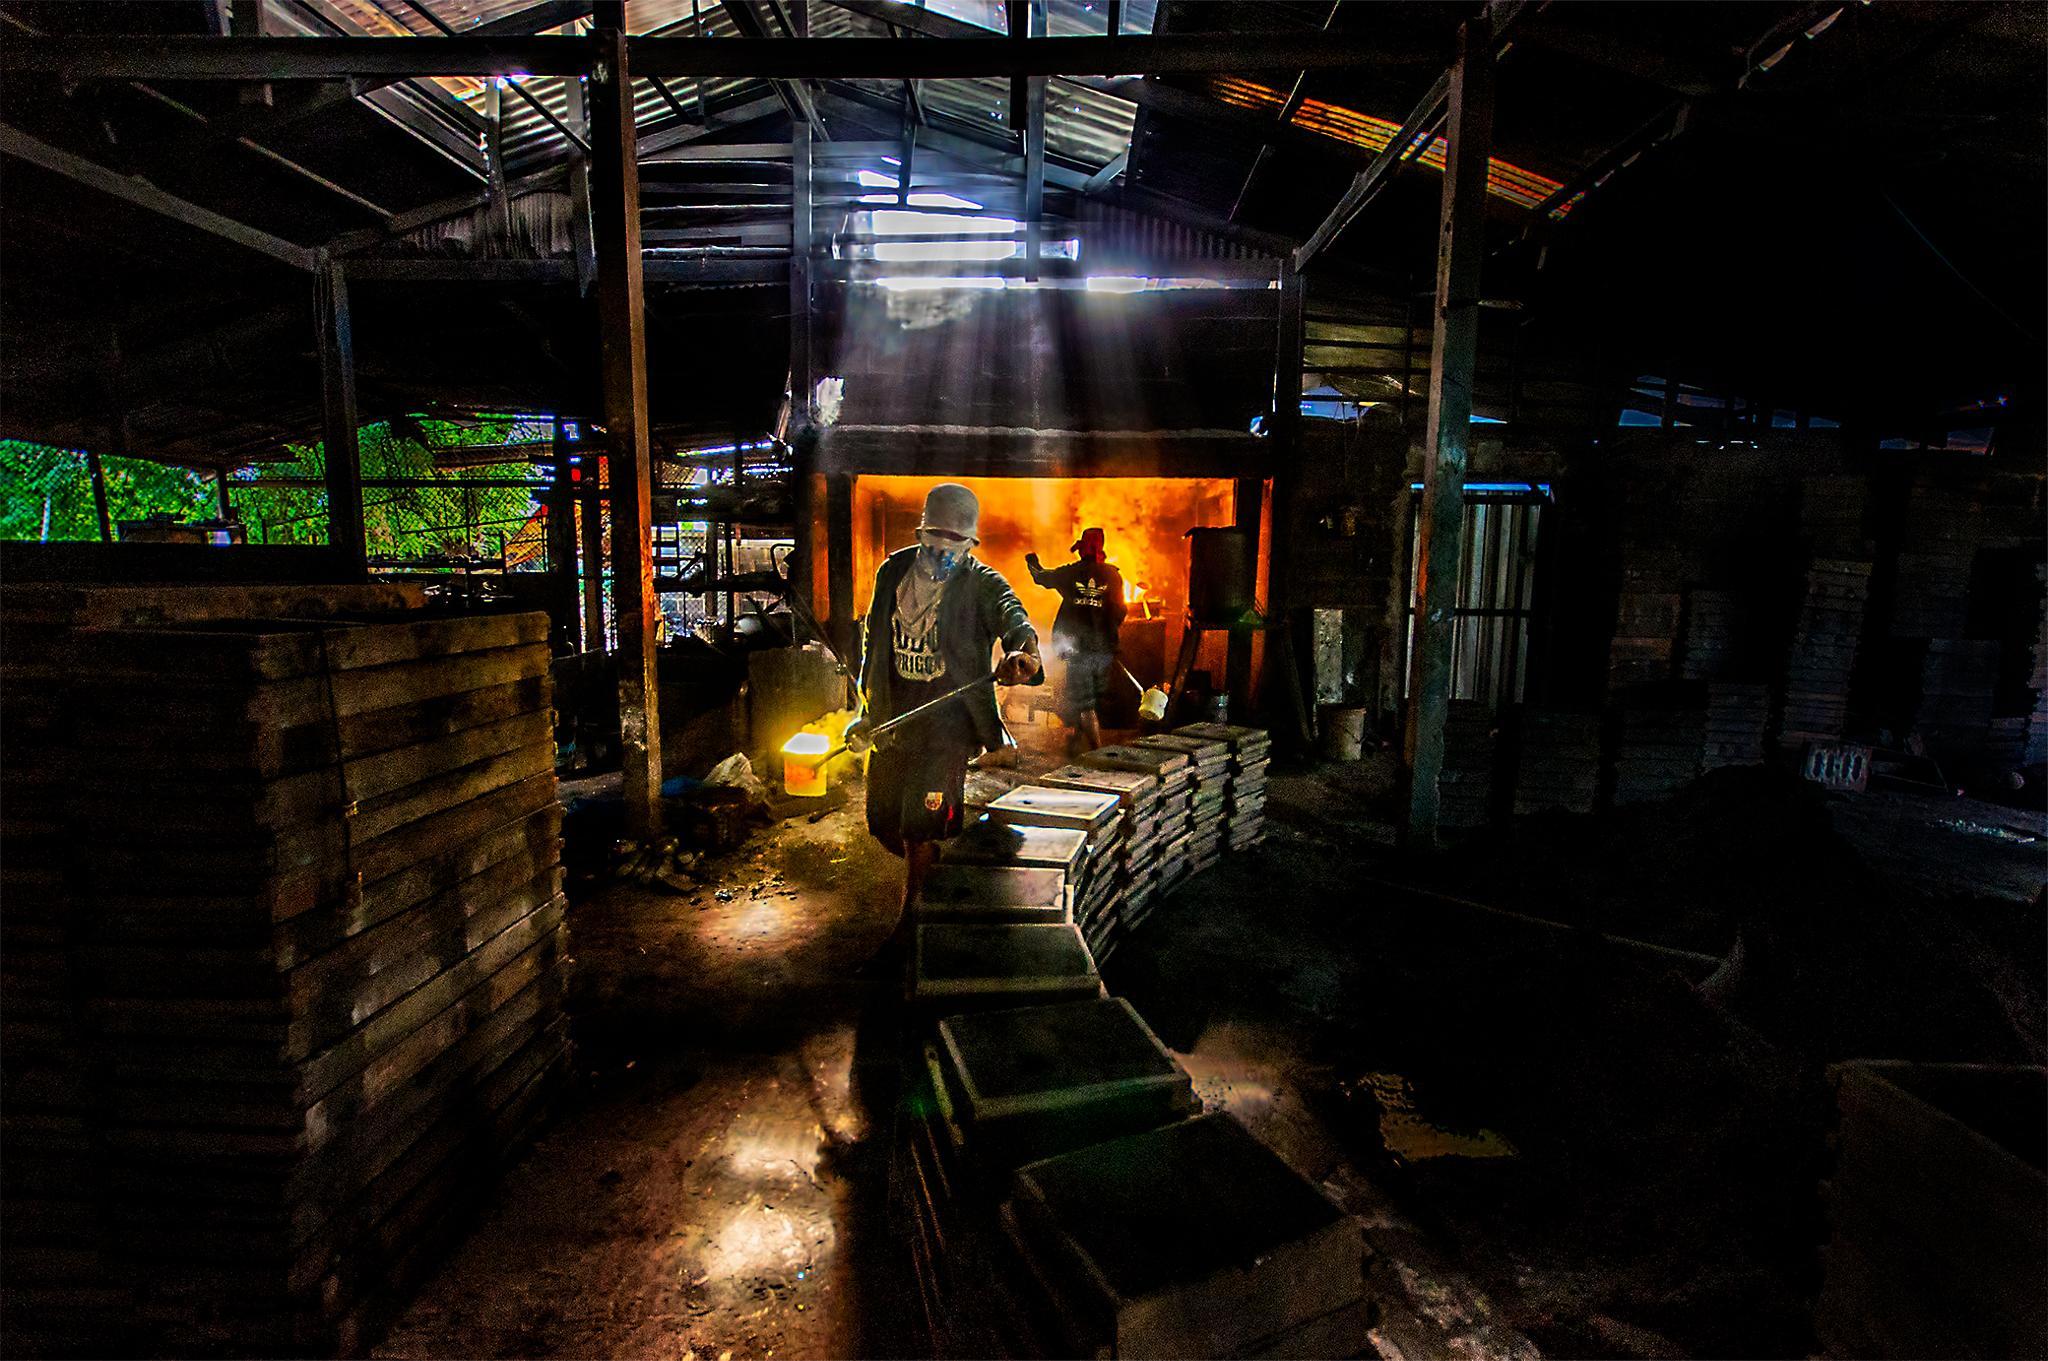 The brass foundry by Ratchakit Kannika